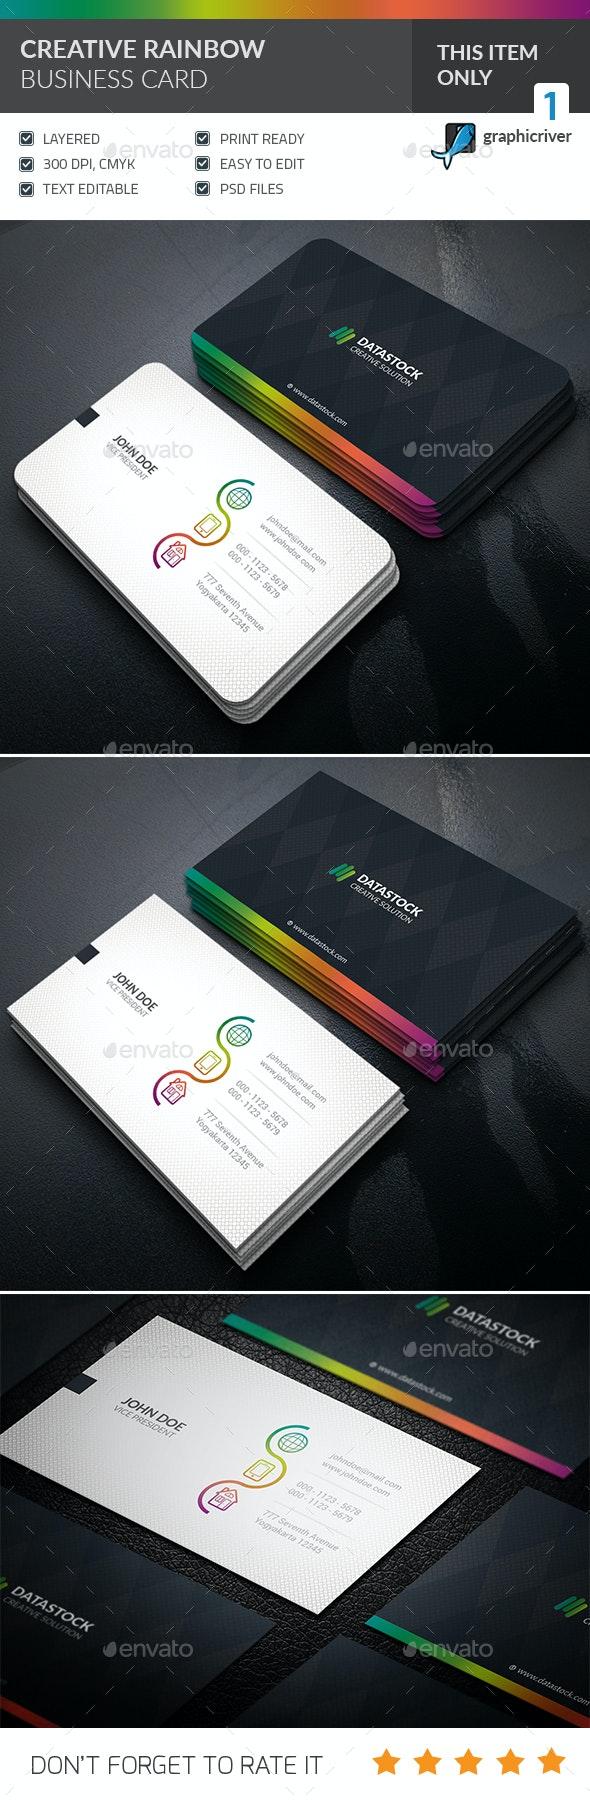 Creative Rainbow Business Card - Creative Business Cards